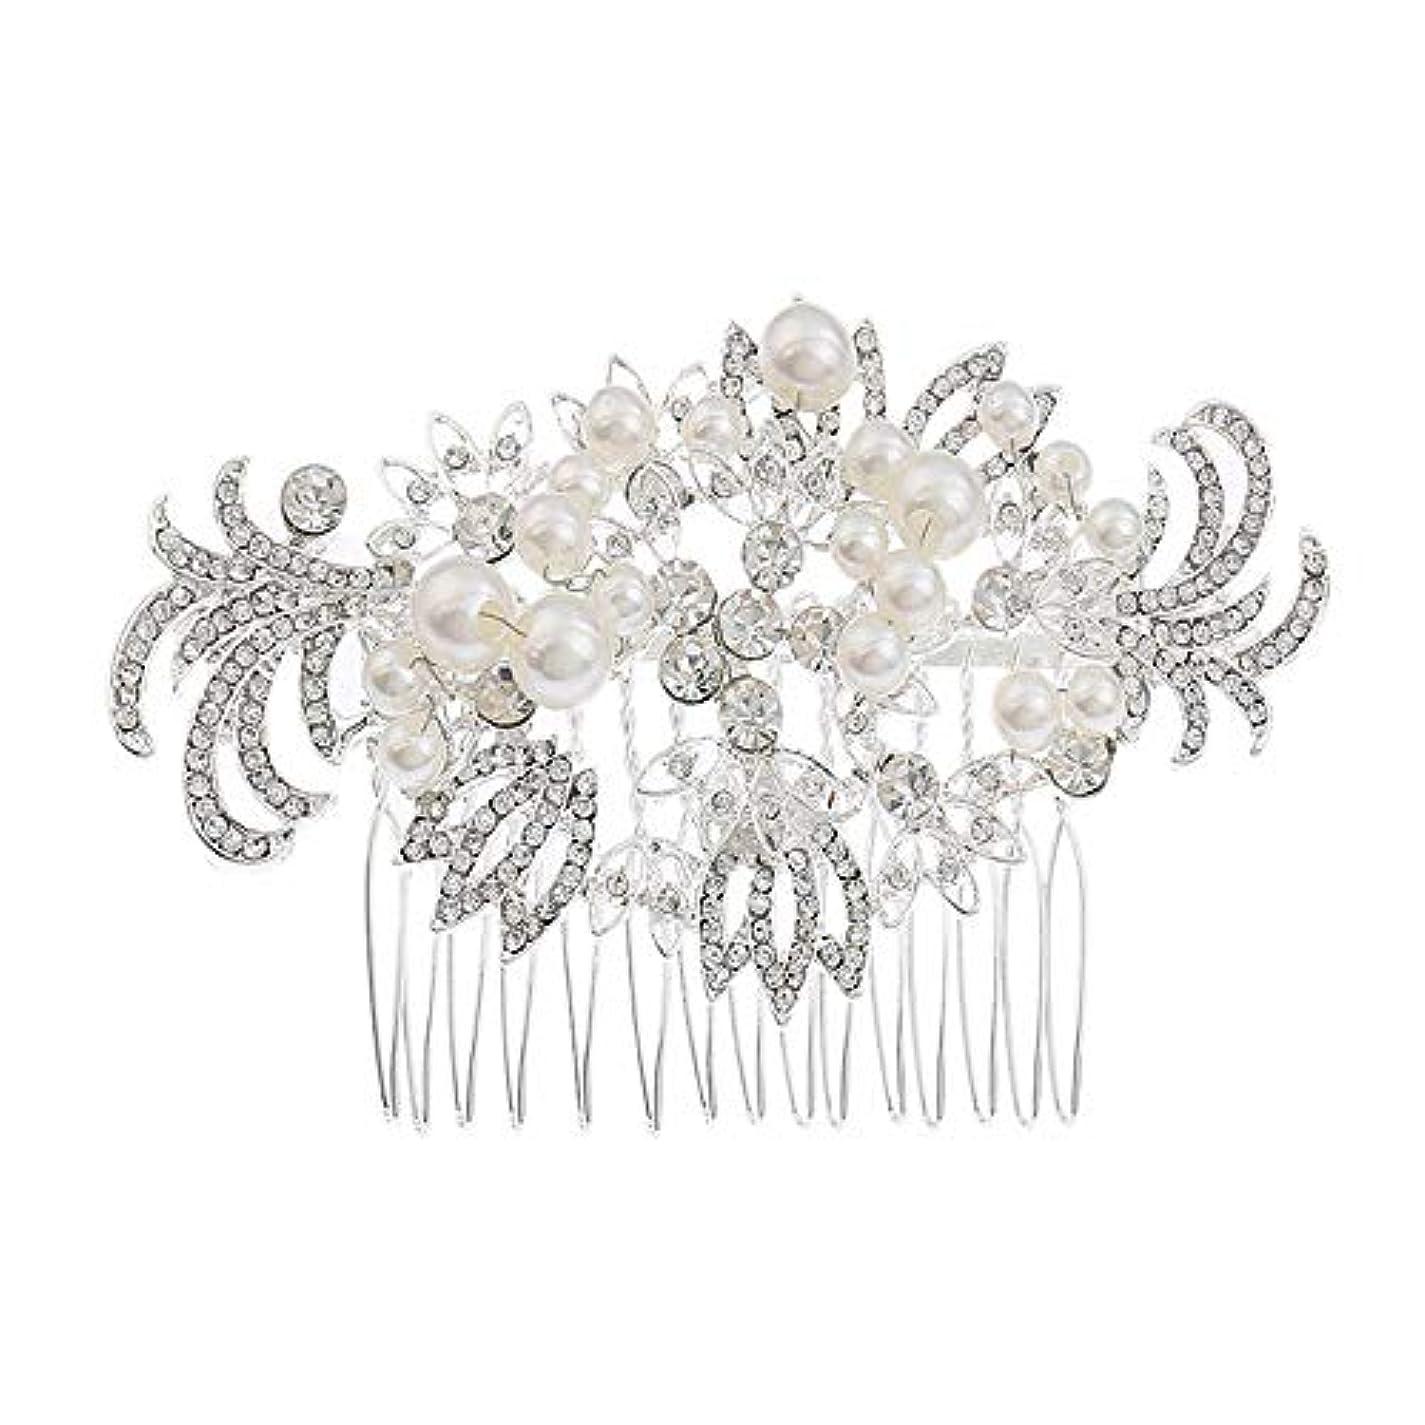 暴君差し控える持っている髪の櫛挿入櫛花嫁の髪櫛真珠の髪の櫛ラインストーンの髪の櫛結婚式のヘアアクセサリー合金の帽子ブライダルヘッドドレス